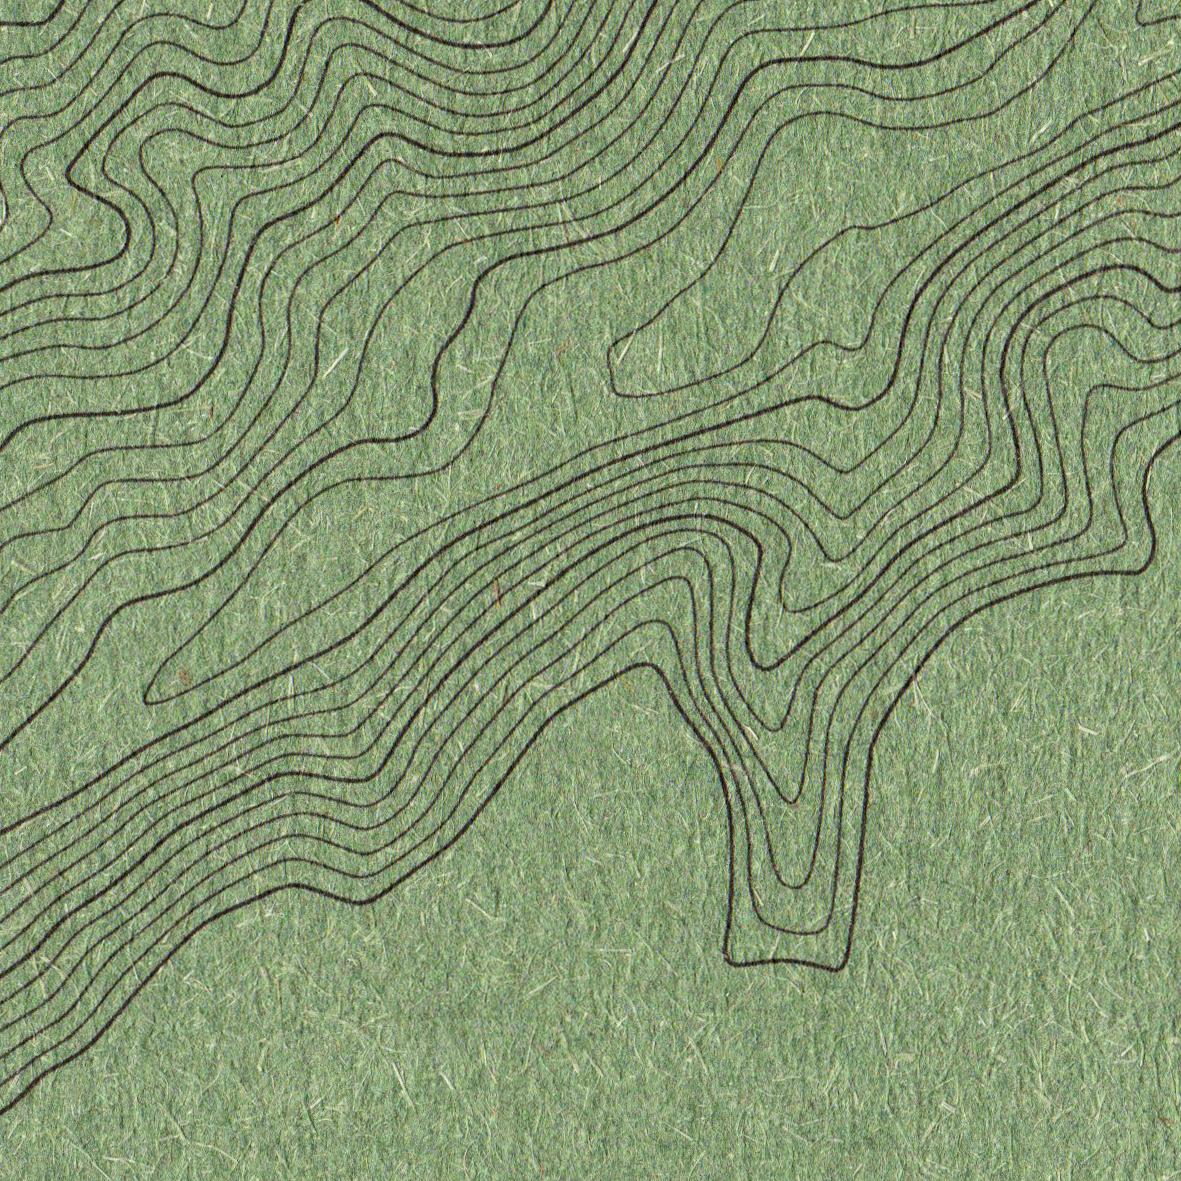 LandscapeSquare.jpg